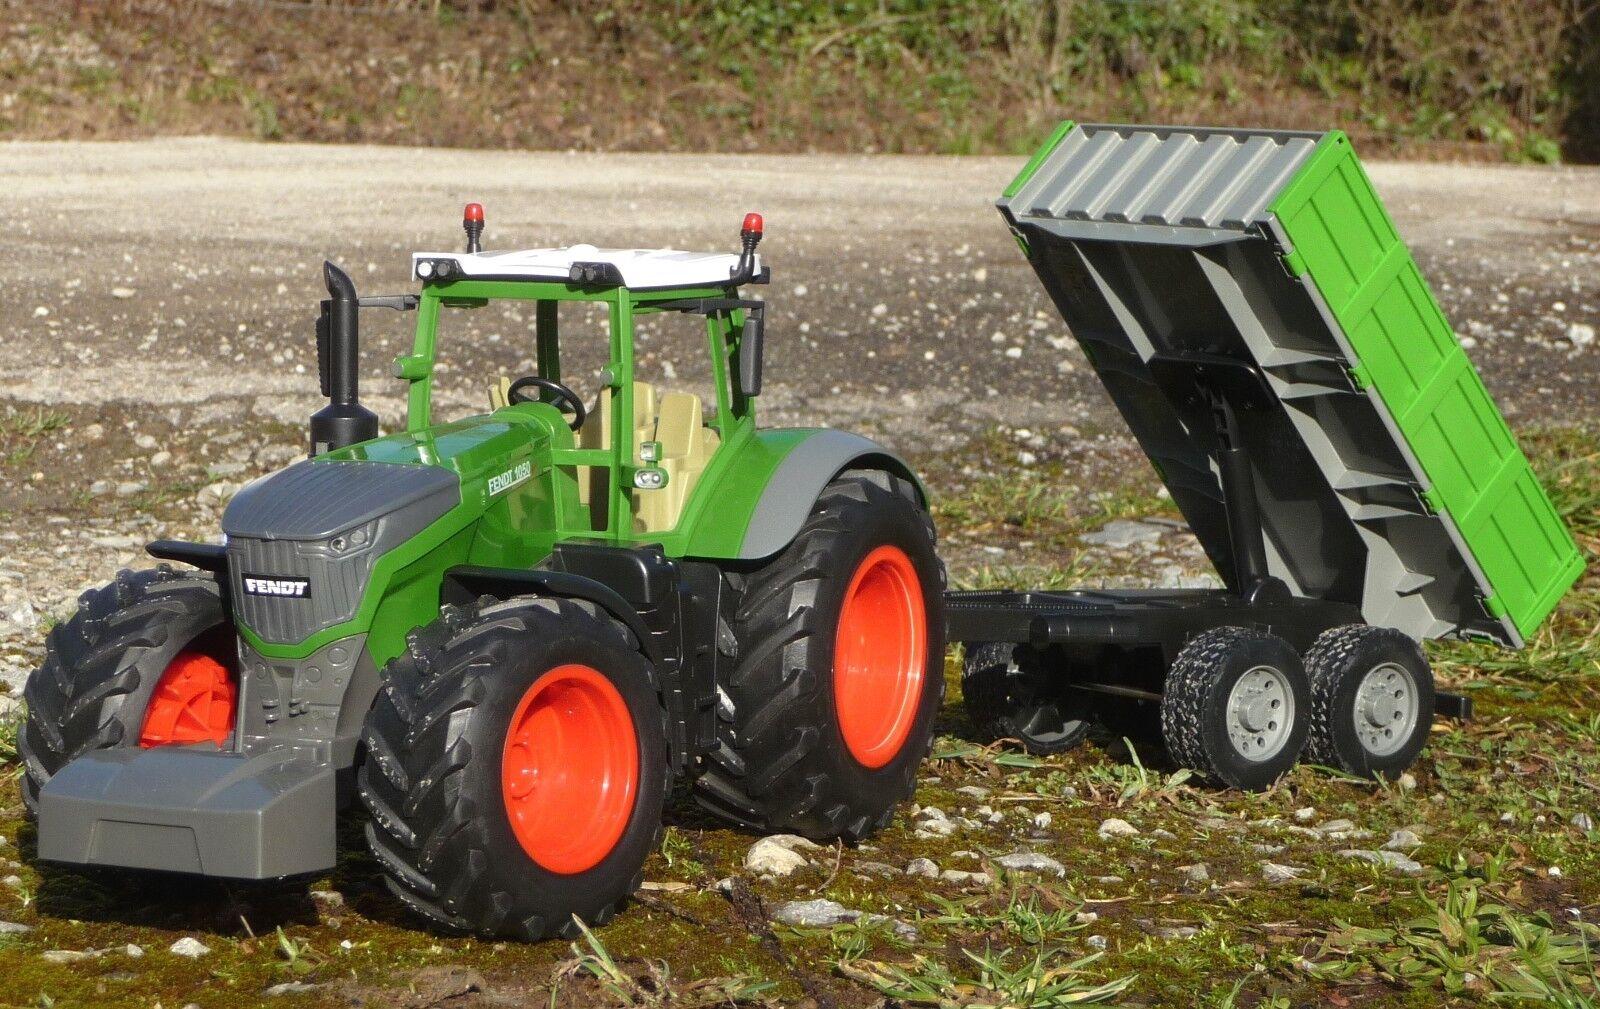 RC Traktor FENDT 1050 mit KIPP-ANHÄNGER in 1 16  2,4 GHz TOP QUALITÄT      412-2